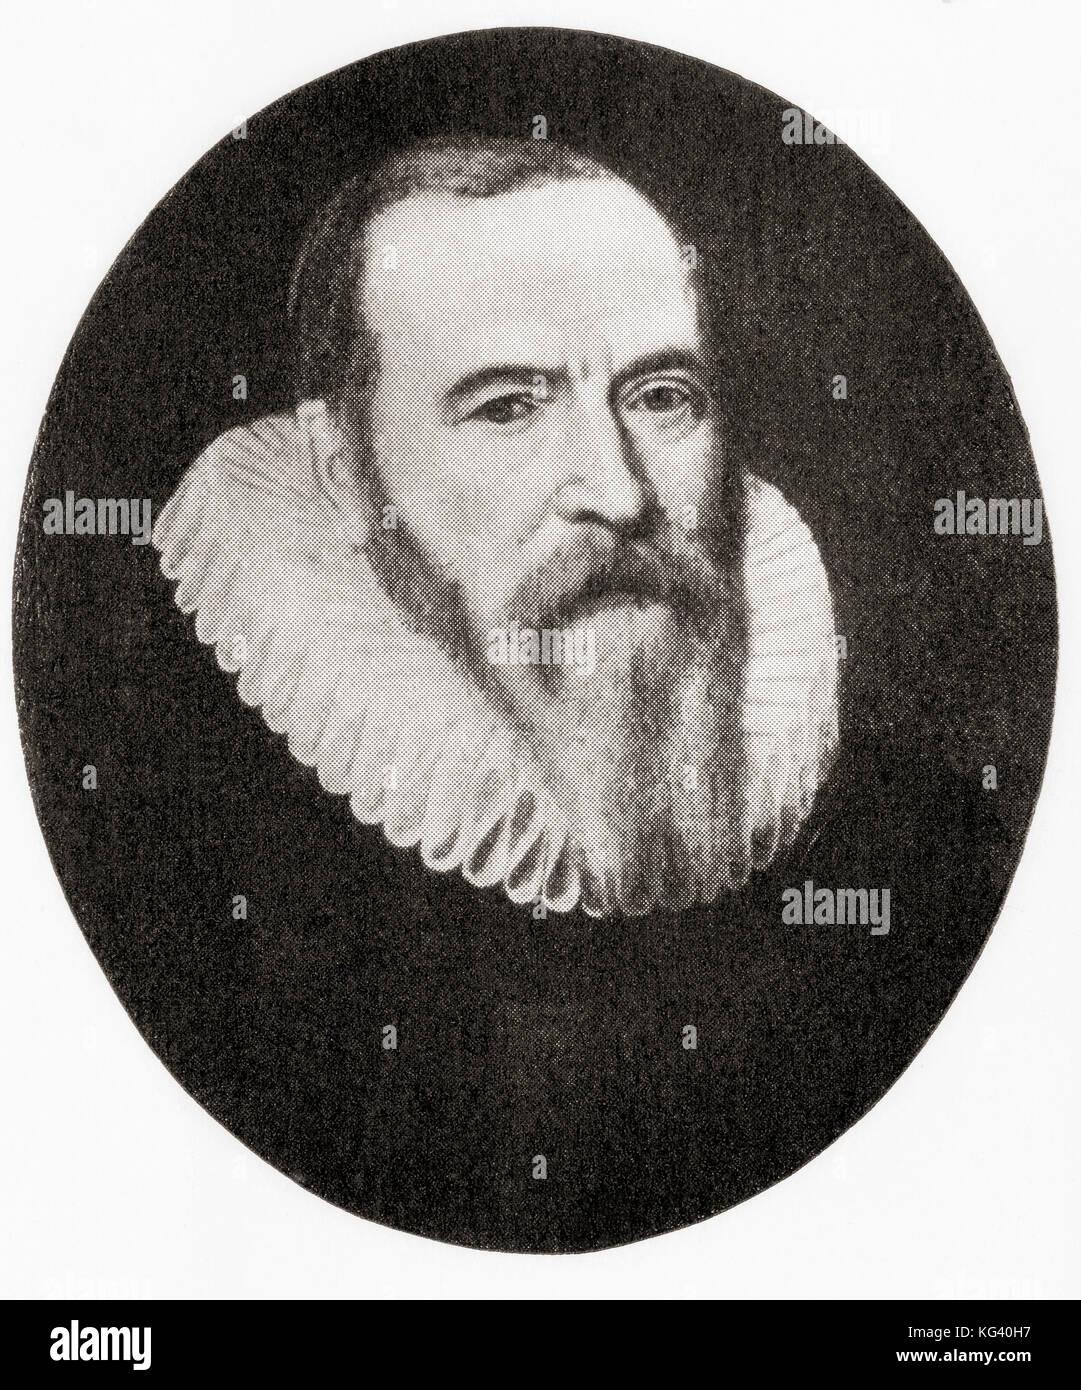 Johan van oldenbarnevelt, 1547 - 1619. statista olandese che ha giocato un ruolo importante nella lotta olandese Immagini Stock